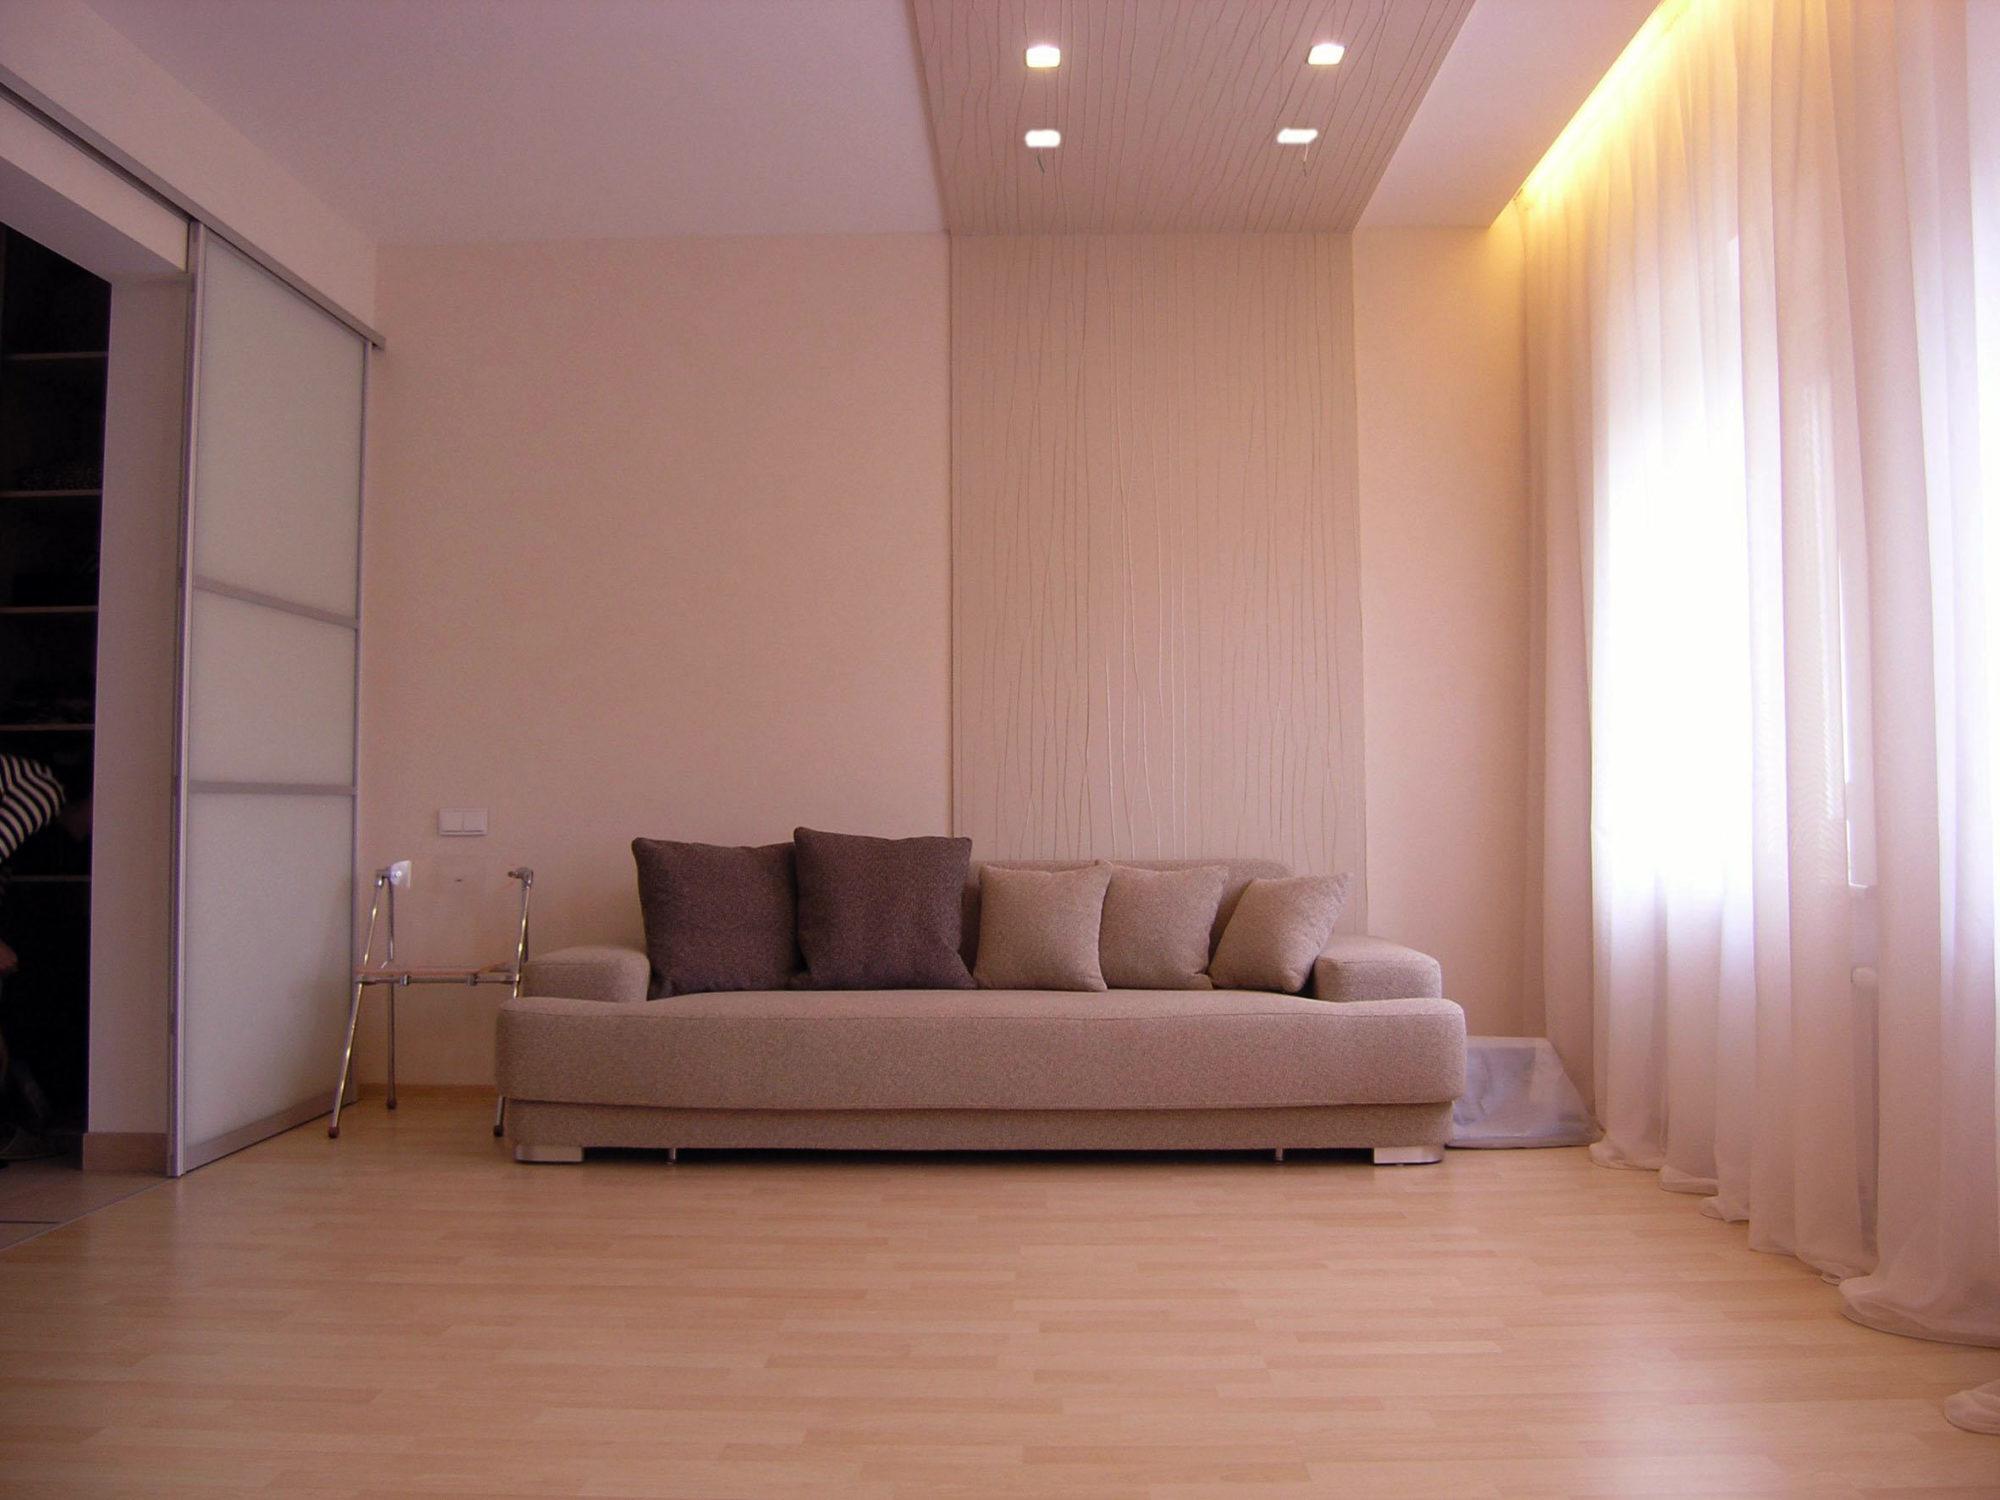 ремонт квартиры своими руками 2 комнатная хрущевка